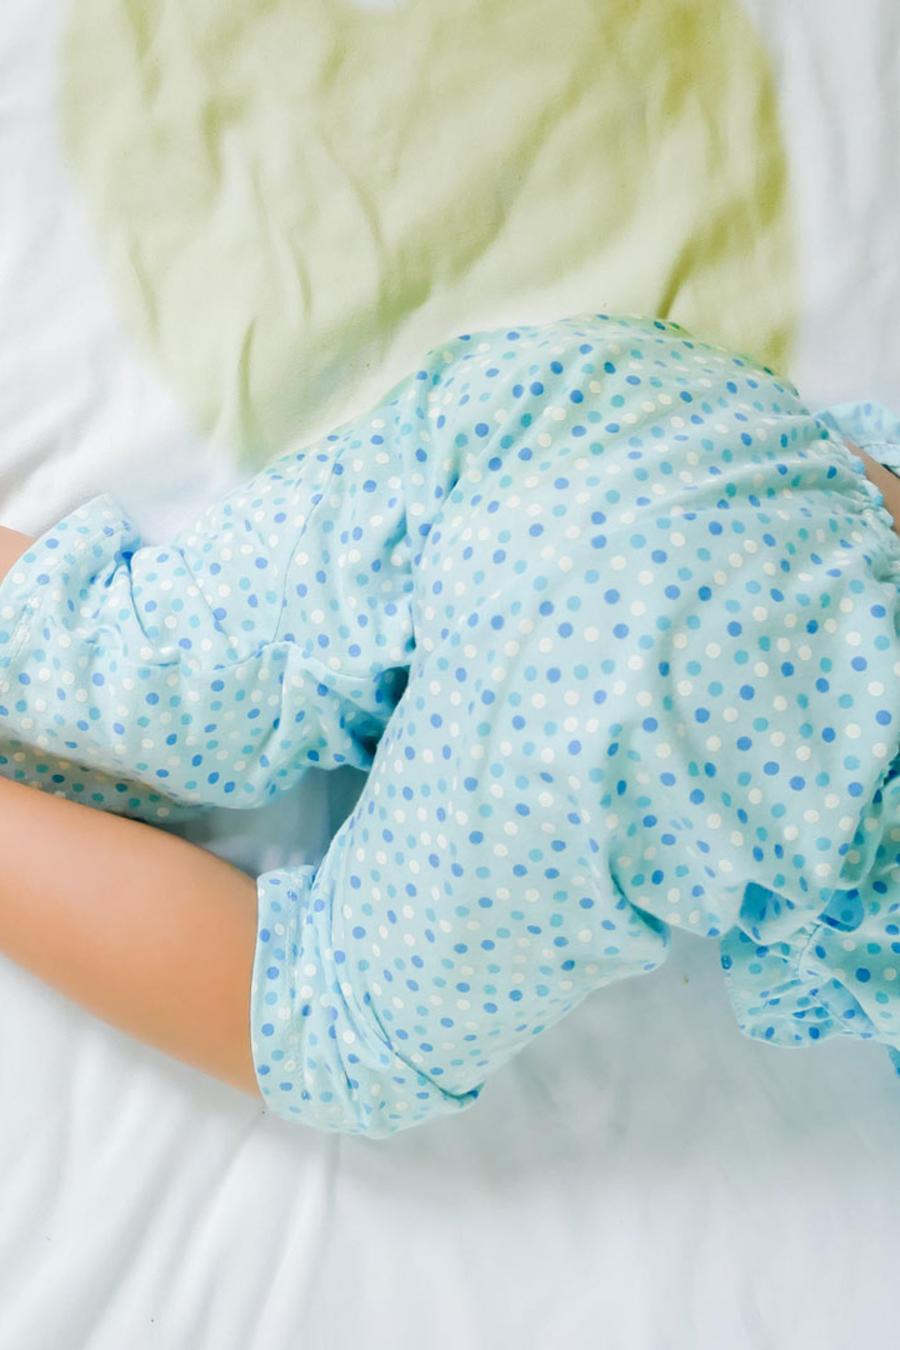 Niño orinado en la cama